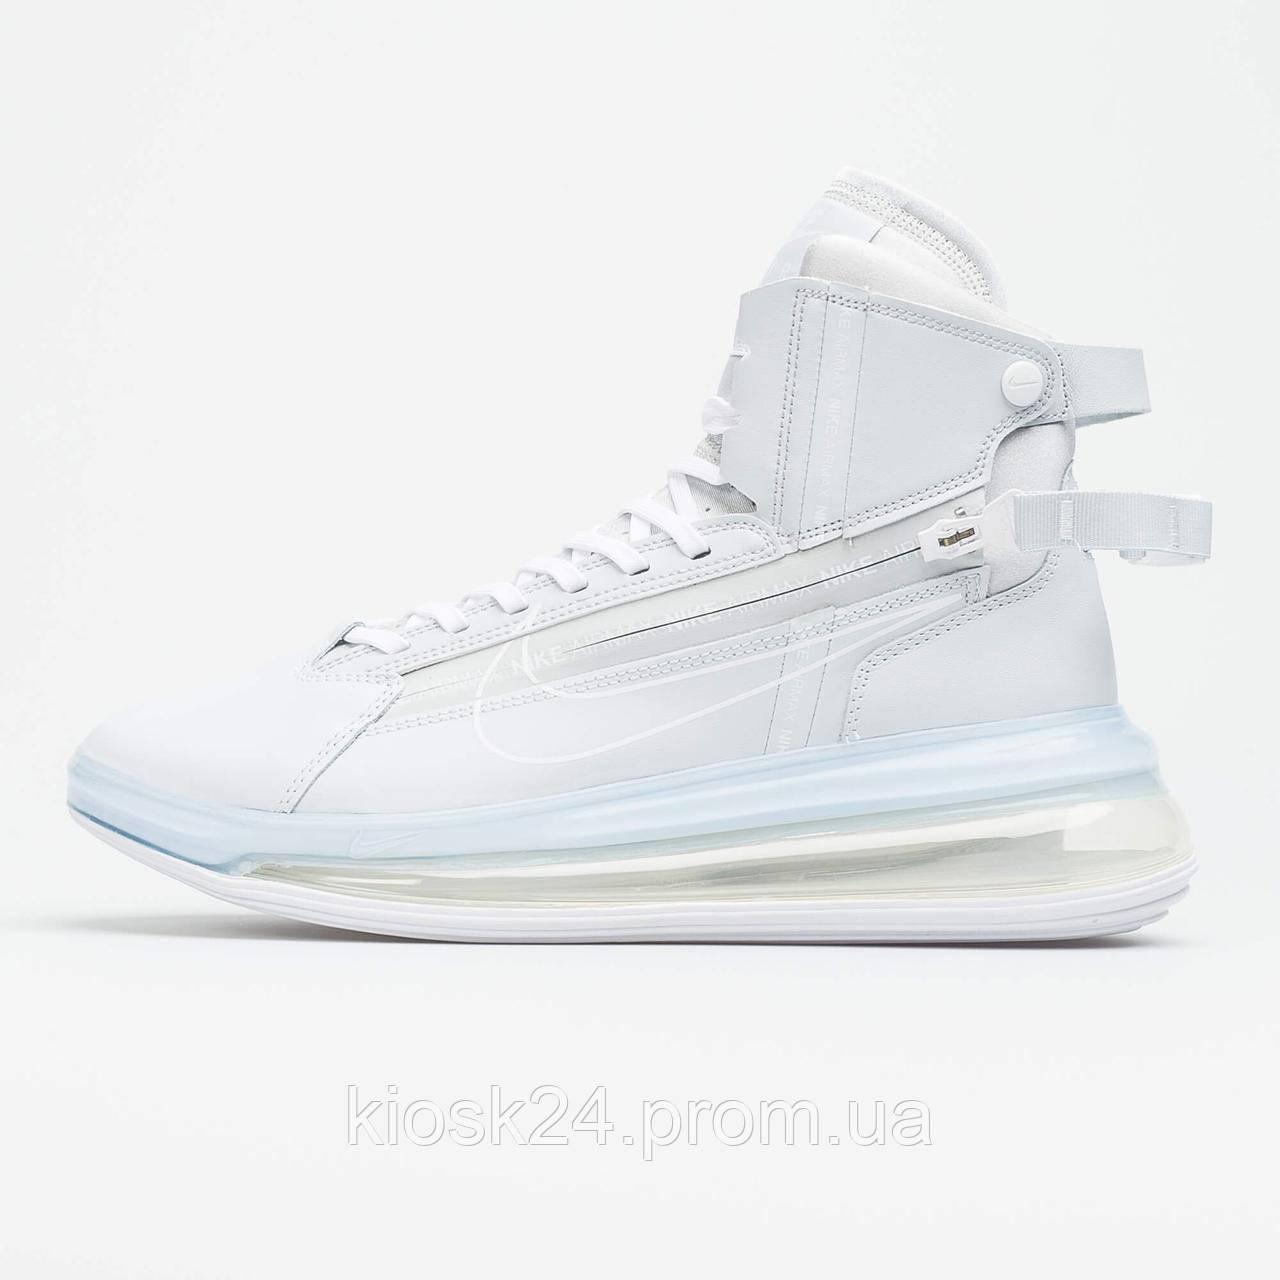 c31cd045 Оригинальные кроссовки Nike Air Max 720 Saturn (AO2110-003): продажа ...